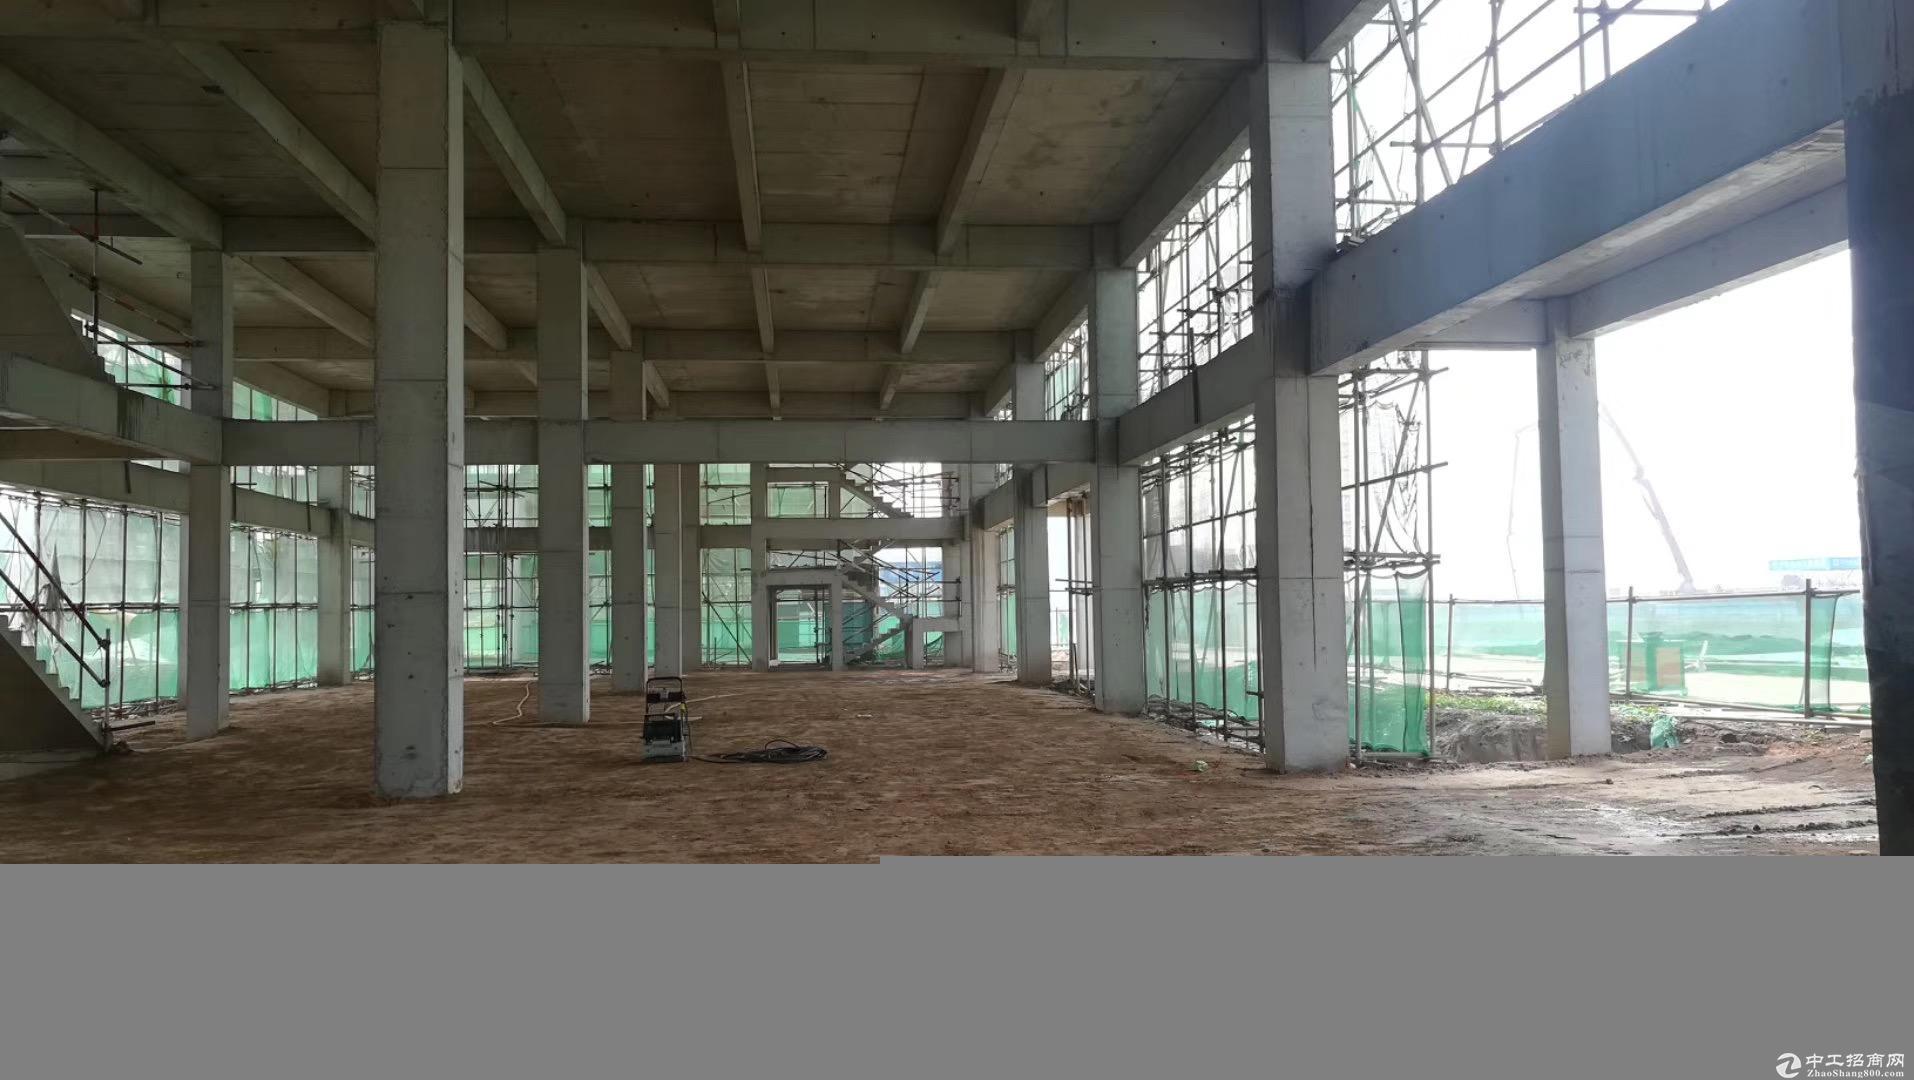 出售高新工业厂房,7.2米层高,可按揭,大产权